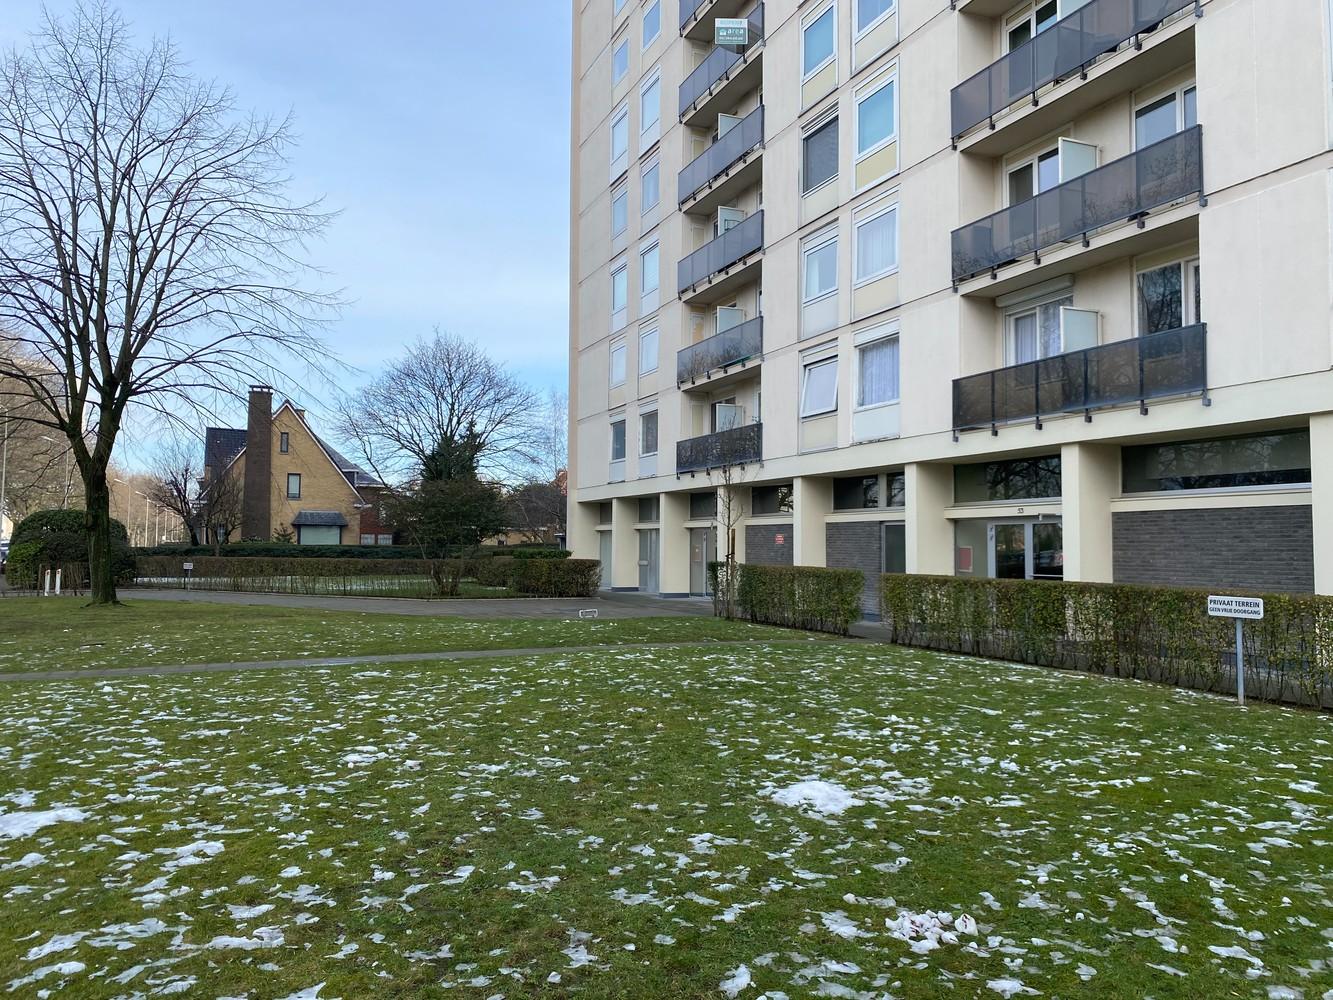 Lichtrijk, bemeubeld en ruim appartement met 2 slaapkamers & een uniek uitzicht over Antwerpen! afbeelding 4